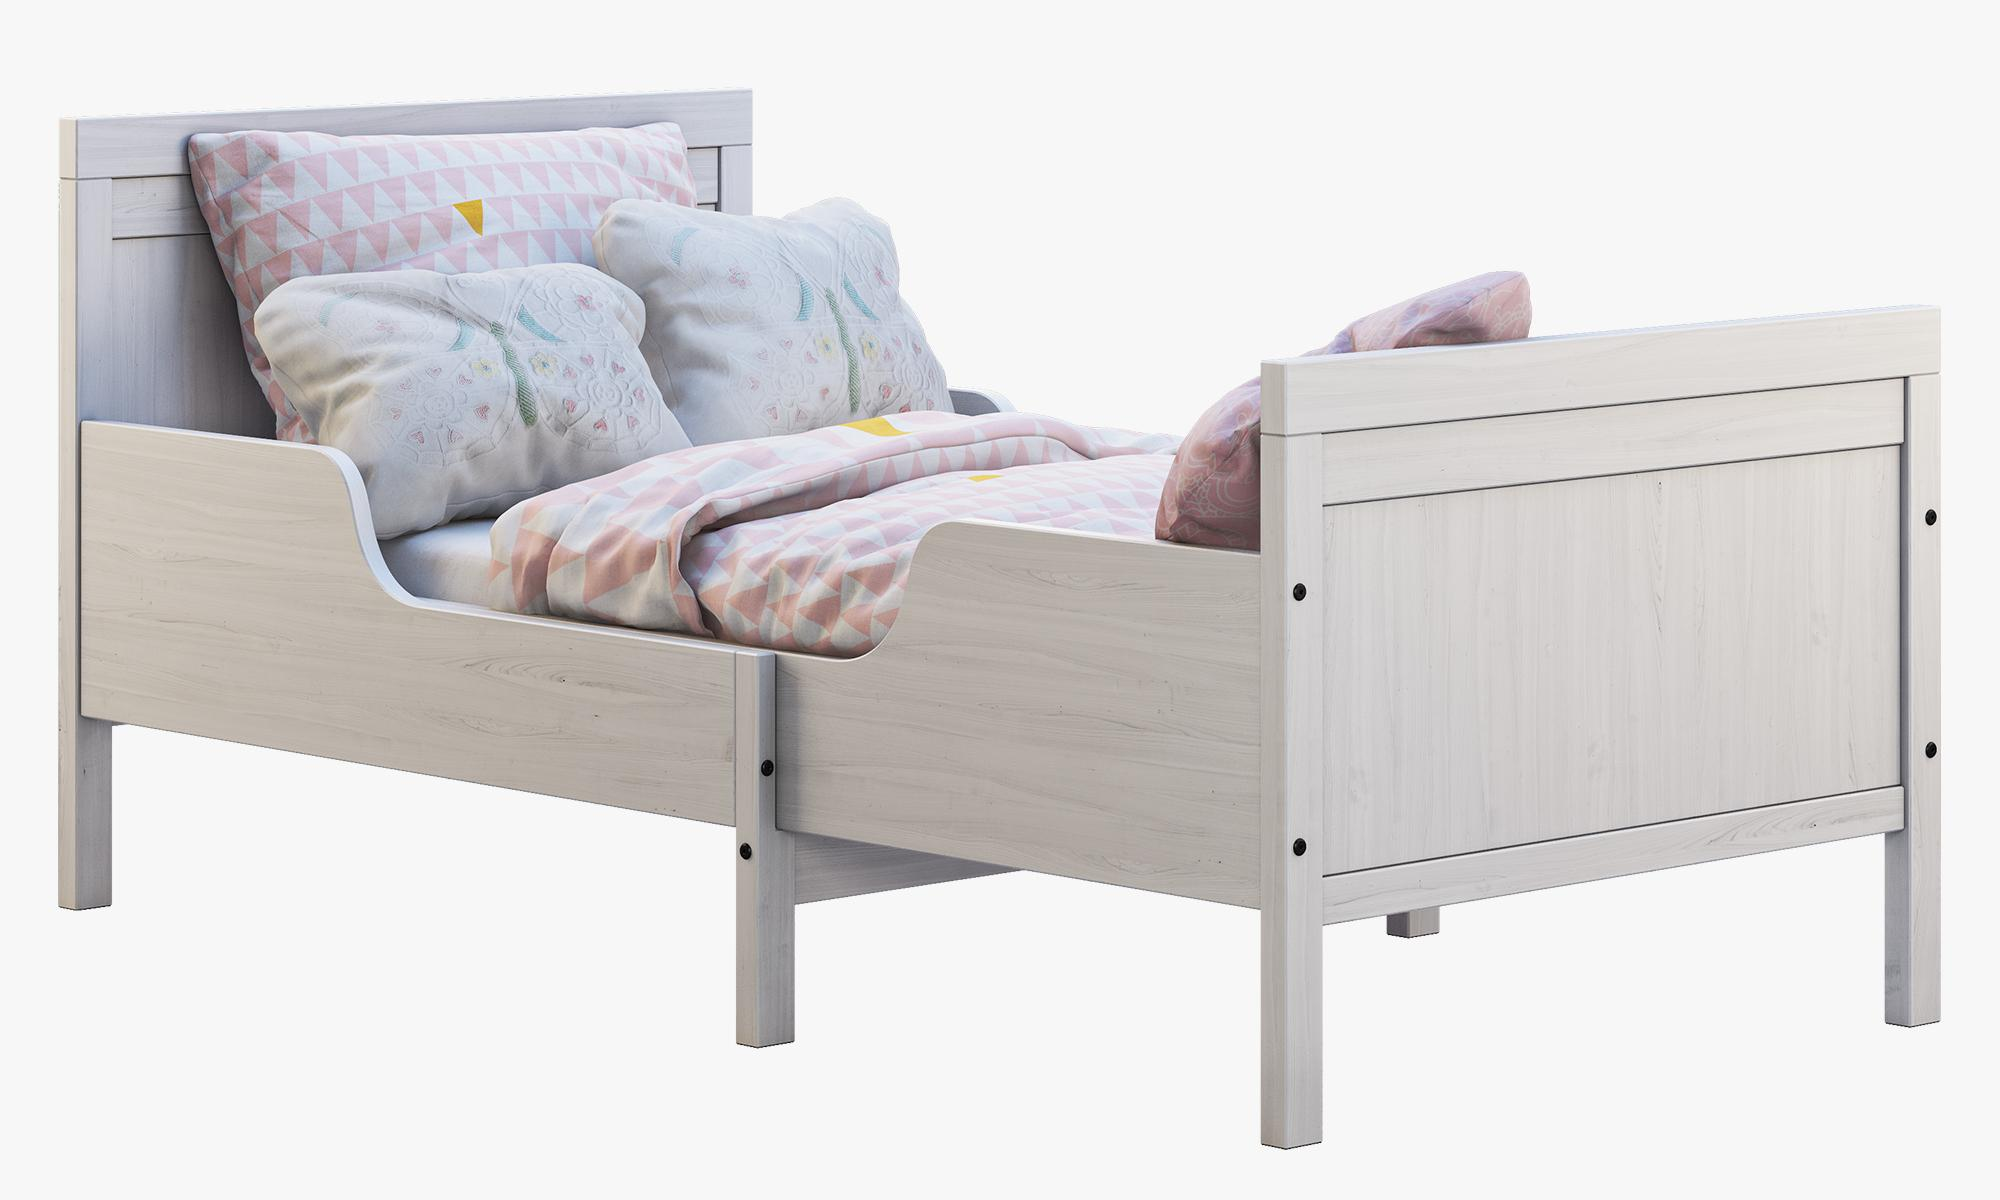 СУНДВИК IKEA